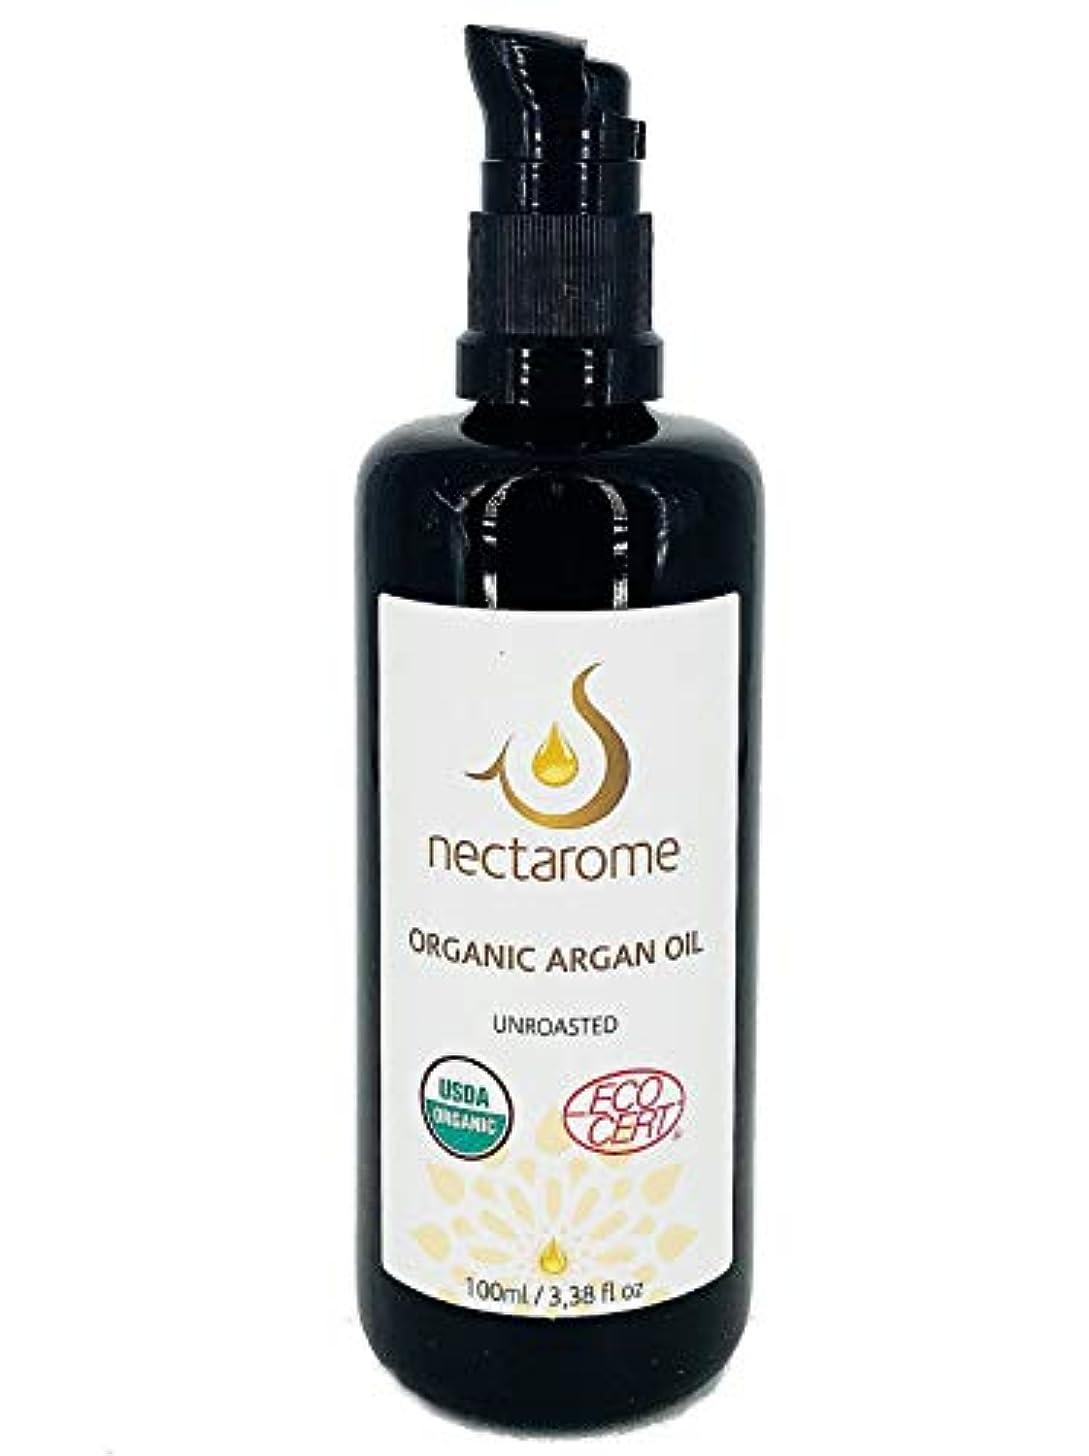 可能性ある捧げる【正規販売店】ネクタローム Nectarome オーガニック?アルガンオイル100% エコサート USDA 認証 (100ml)